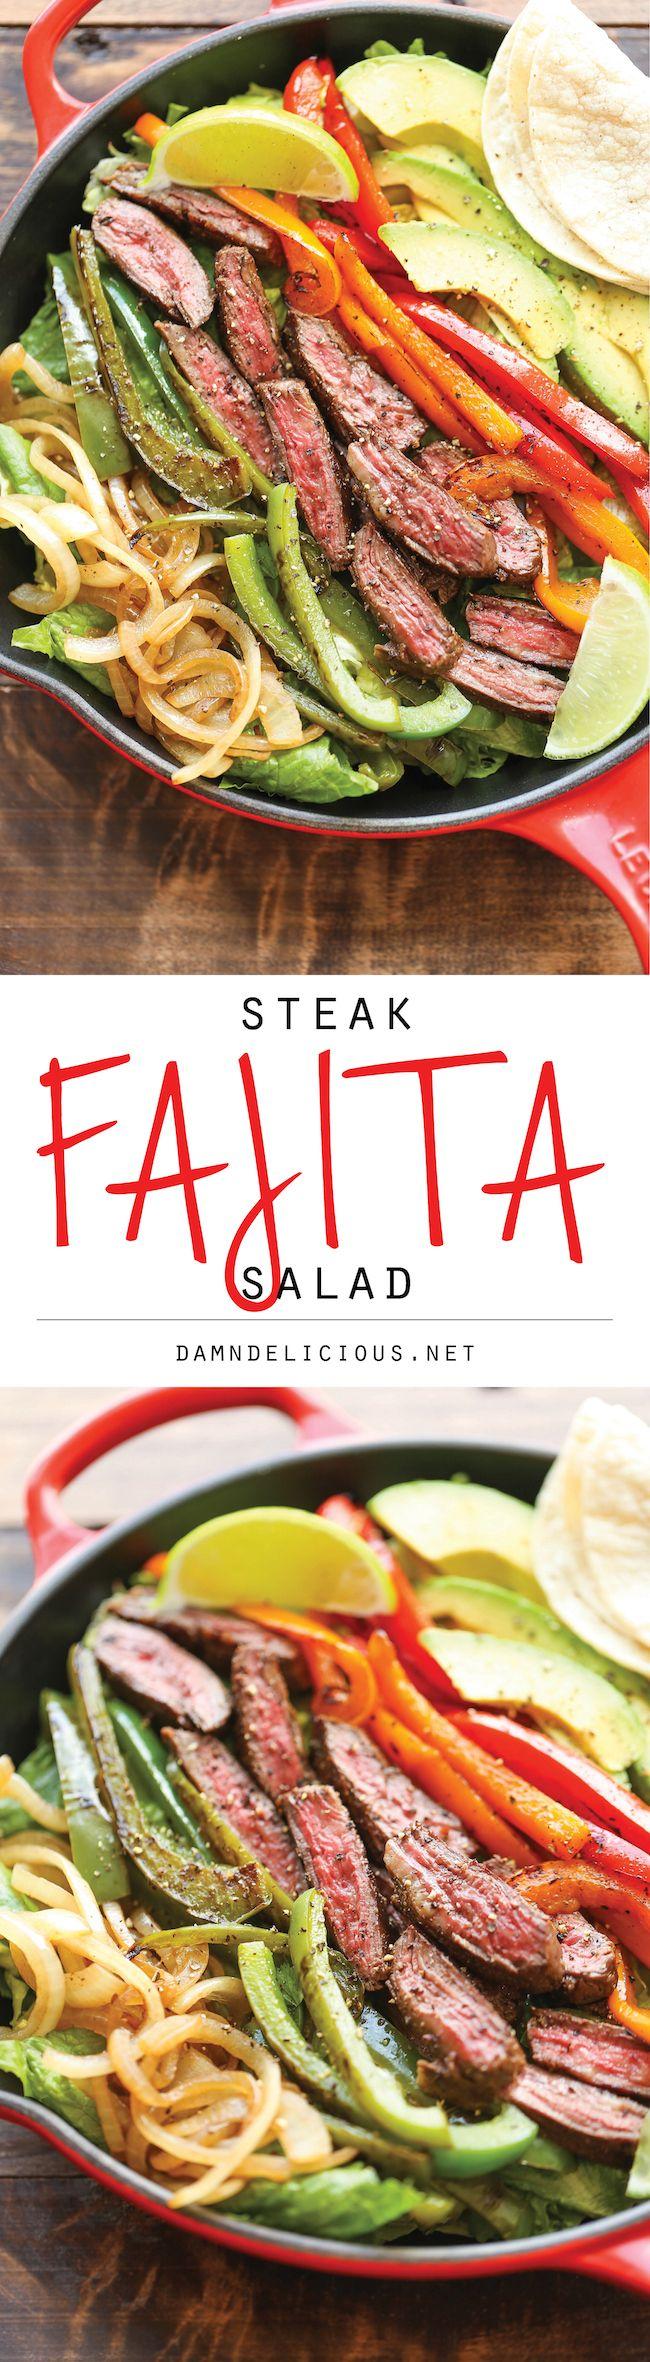 Steak Fajita Salad #lowcarb #protein